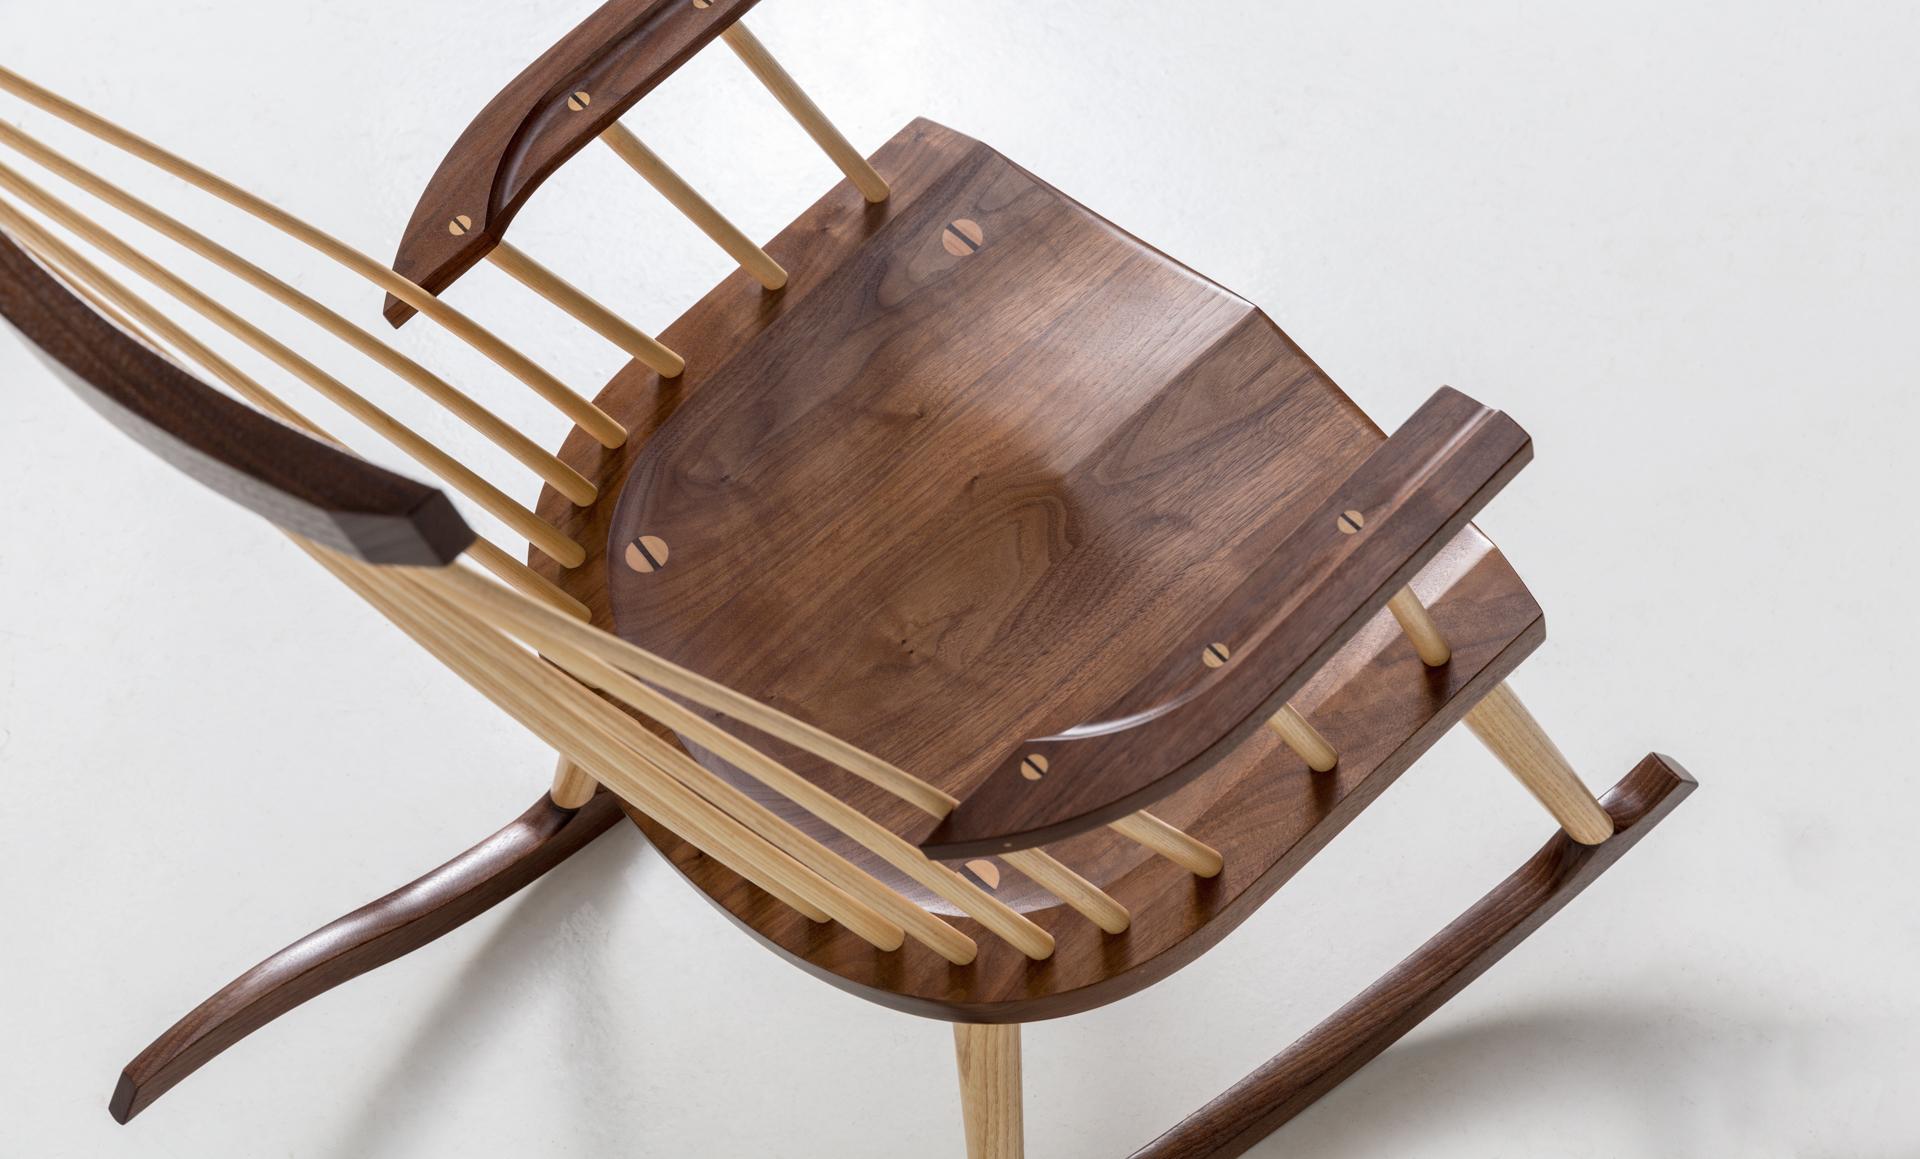 Wondrous New Gloucester Rocker Andrewgaddart Wooden Chair Designs For Living Room Andrewgaddartcom